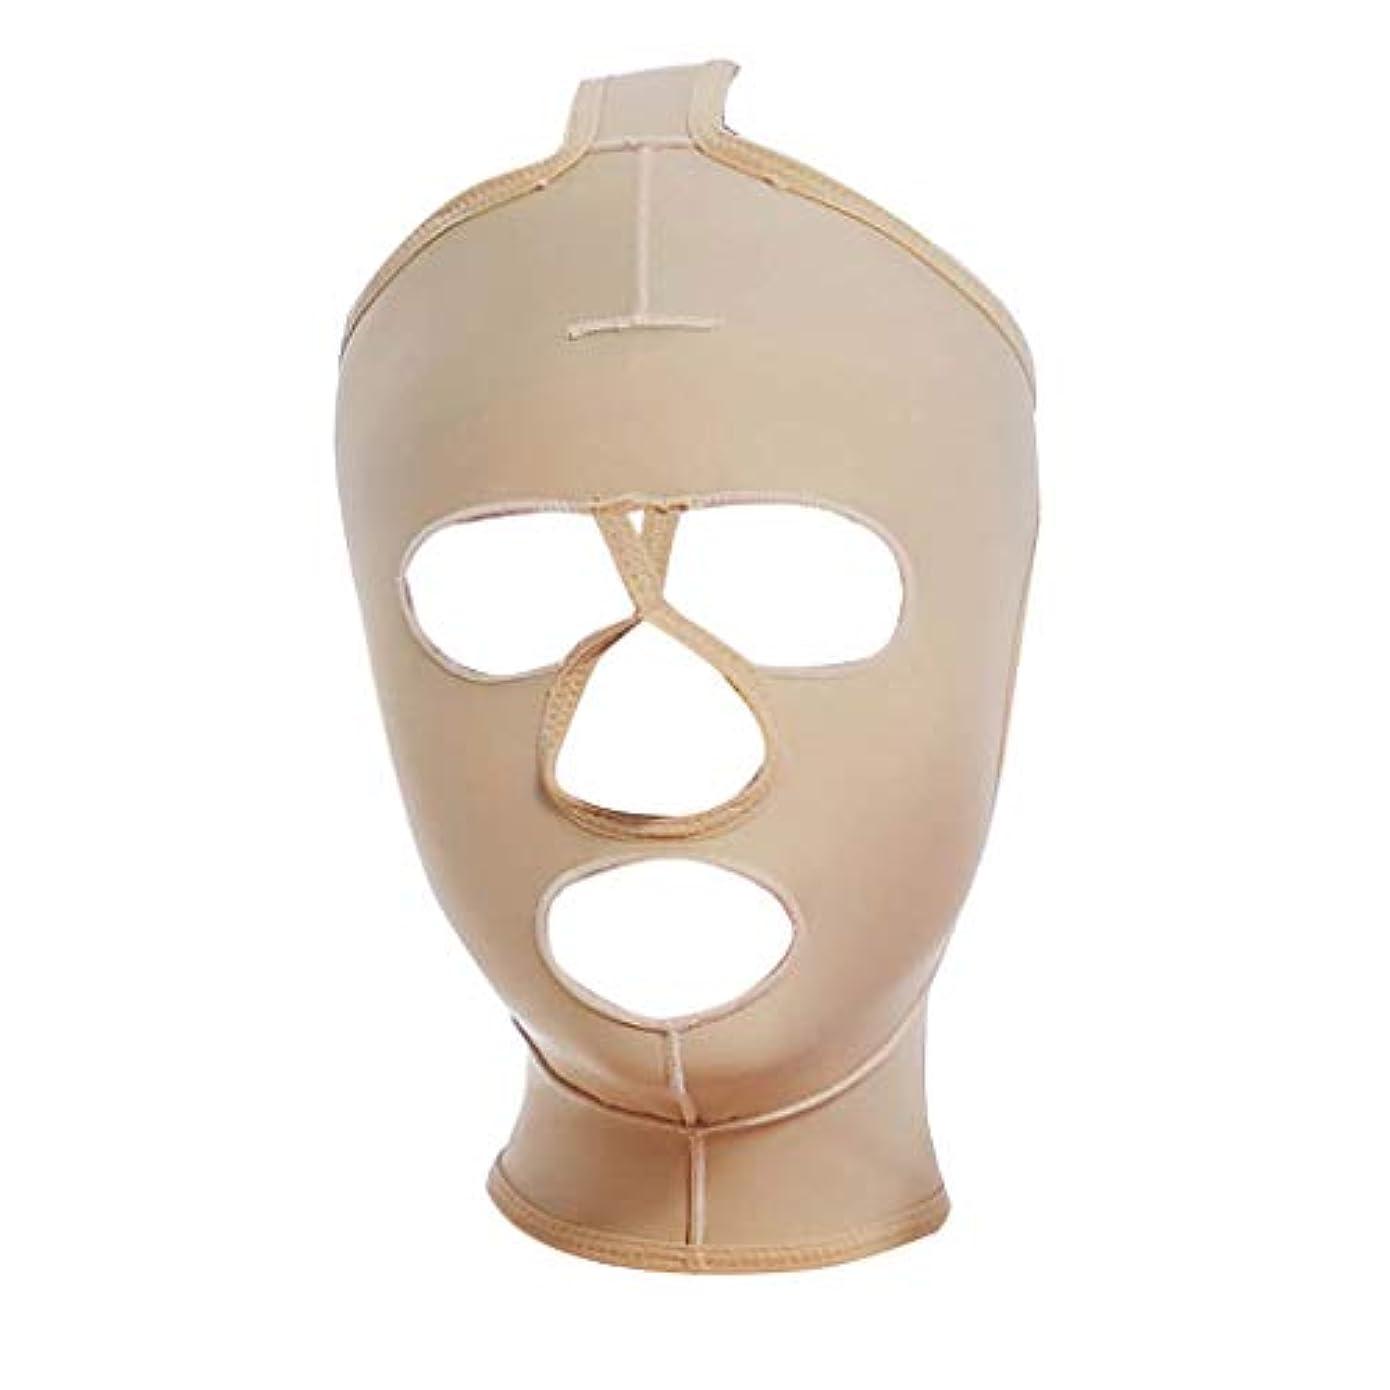 表向き出身地割り込みGLJJQMY 顔と首のリフト痩身マスク脂肪吸引脂肪吸引整形マスクヘッドリフティングアーティファクトV顔の顔の弾性袖 顔用整形マスク (Size : L)